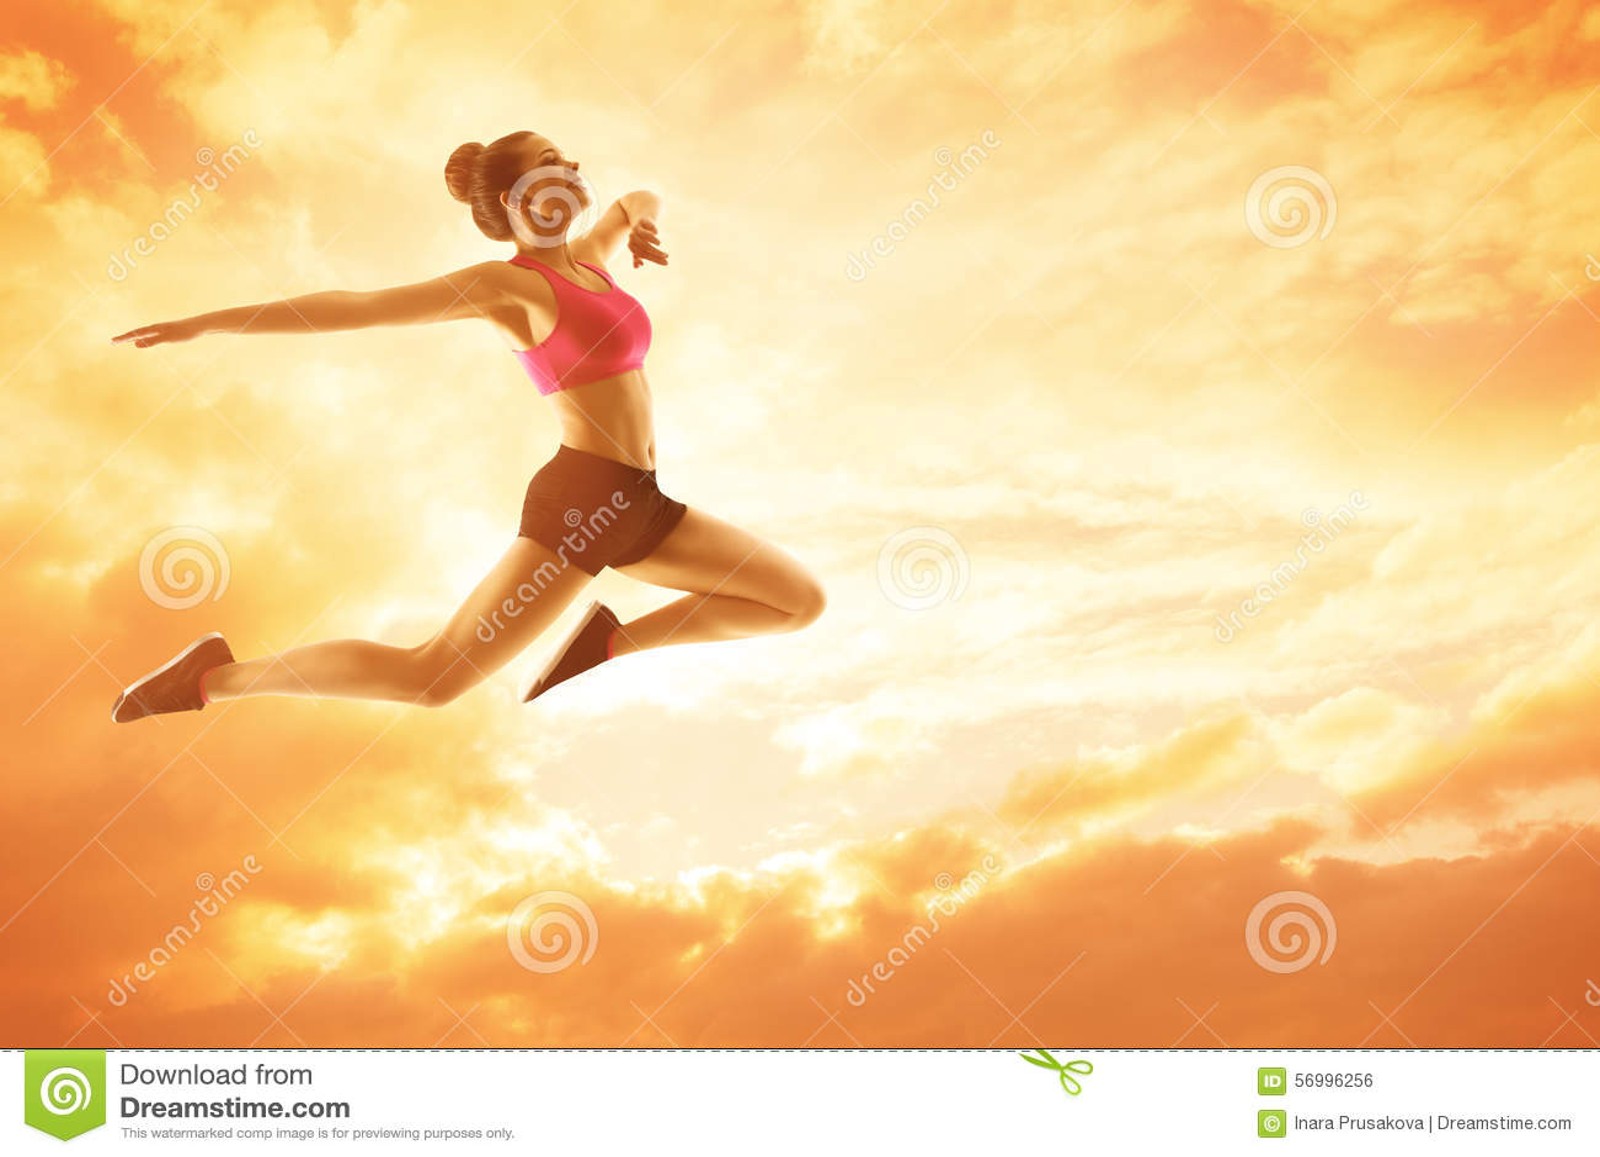 Fonctionnement de femme de sport, athlète Girl Jump, concept heureux de forme physique